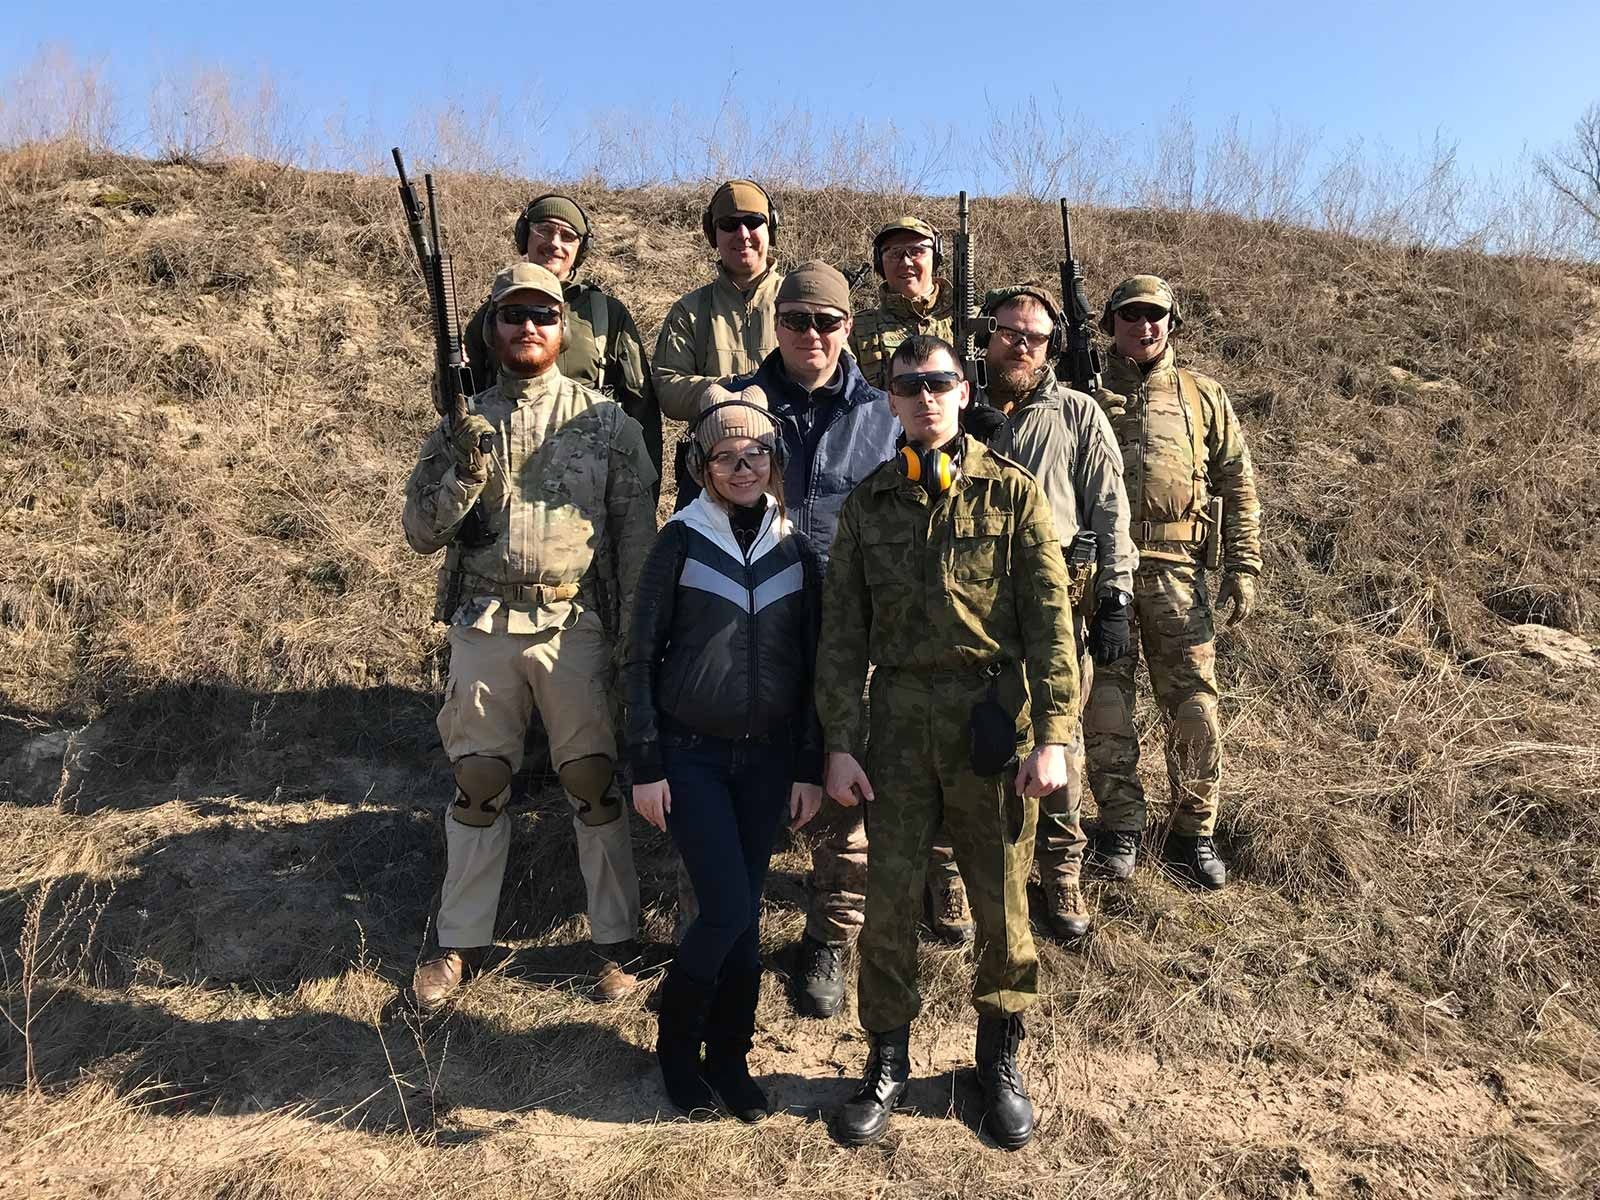 Курсанти ДДУВС взяли участь у майстер-класі з прикладної стрільби